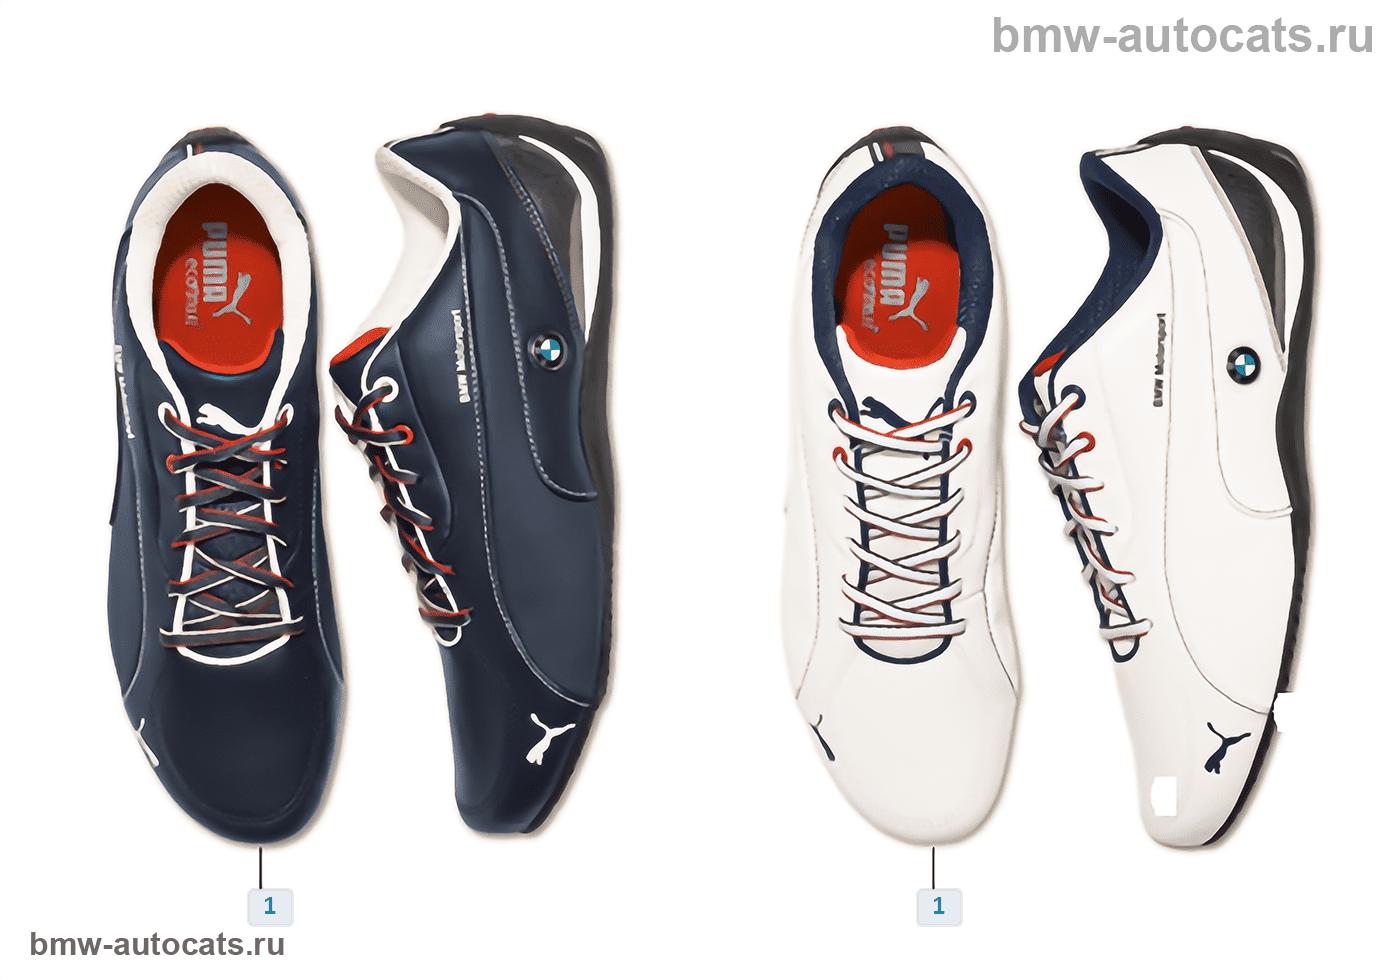 BMW Motorsport — Обувь 2015/17